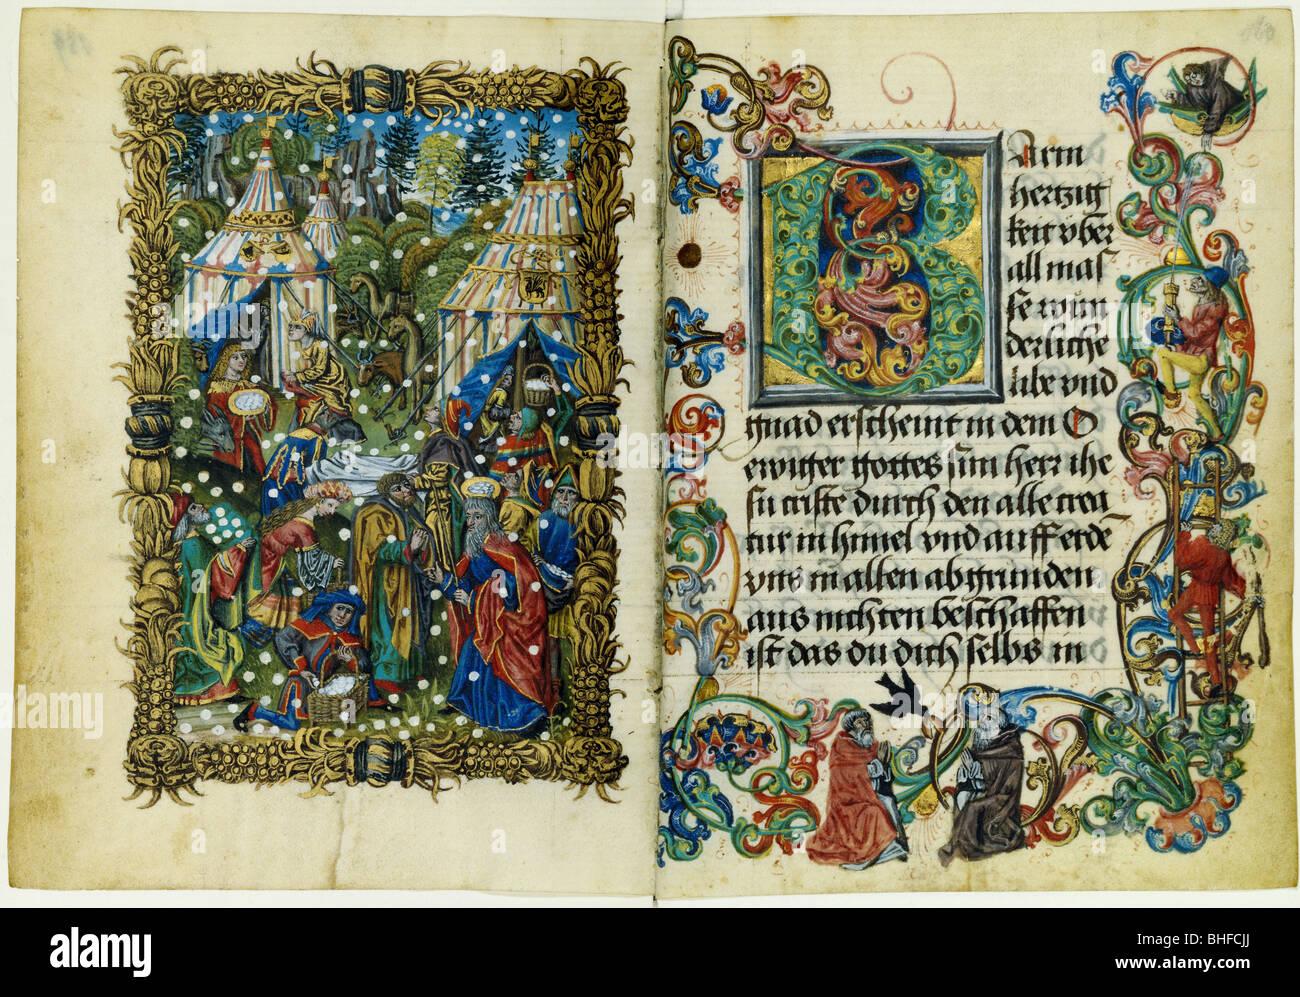 La religione, il cristianesimo, libri, Libro d Ore, doppia pagina, Germania, inizi del XVI secolo, Augsburg Biblioteca Immagini Stock